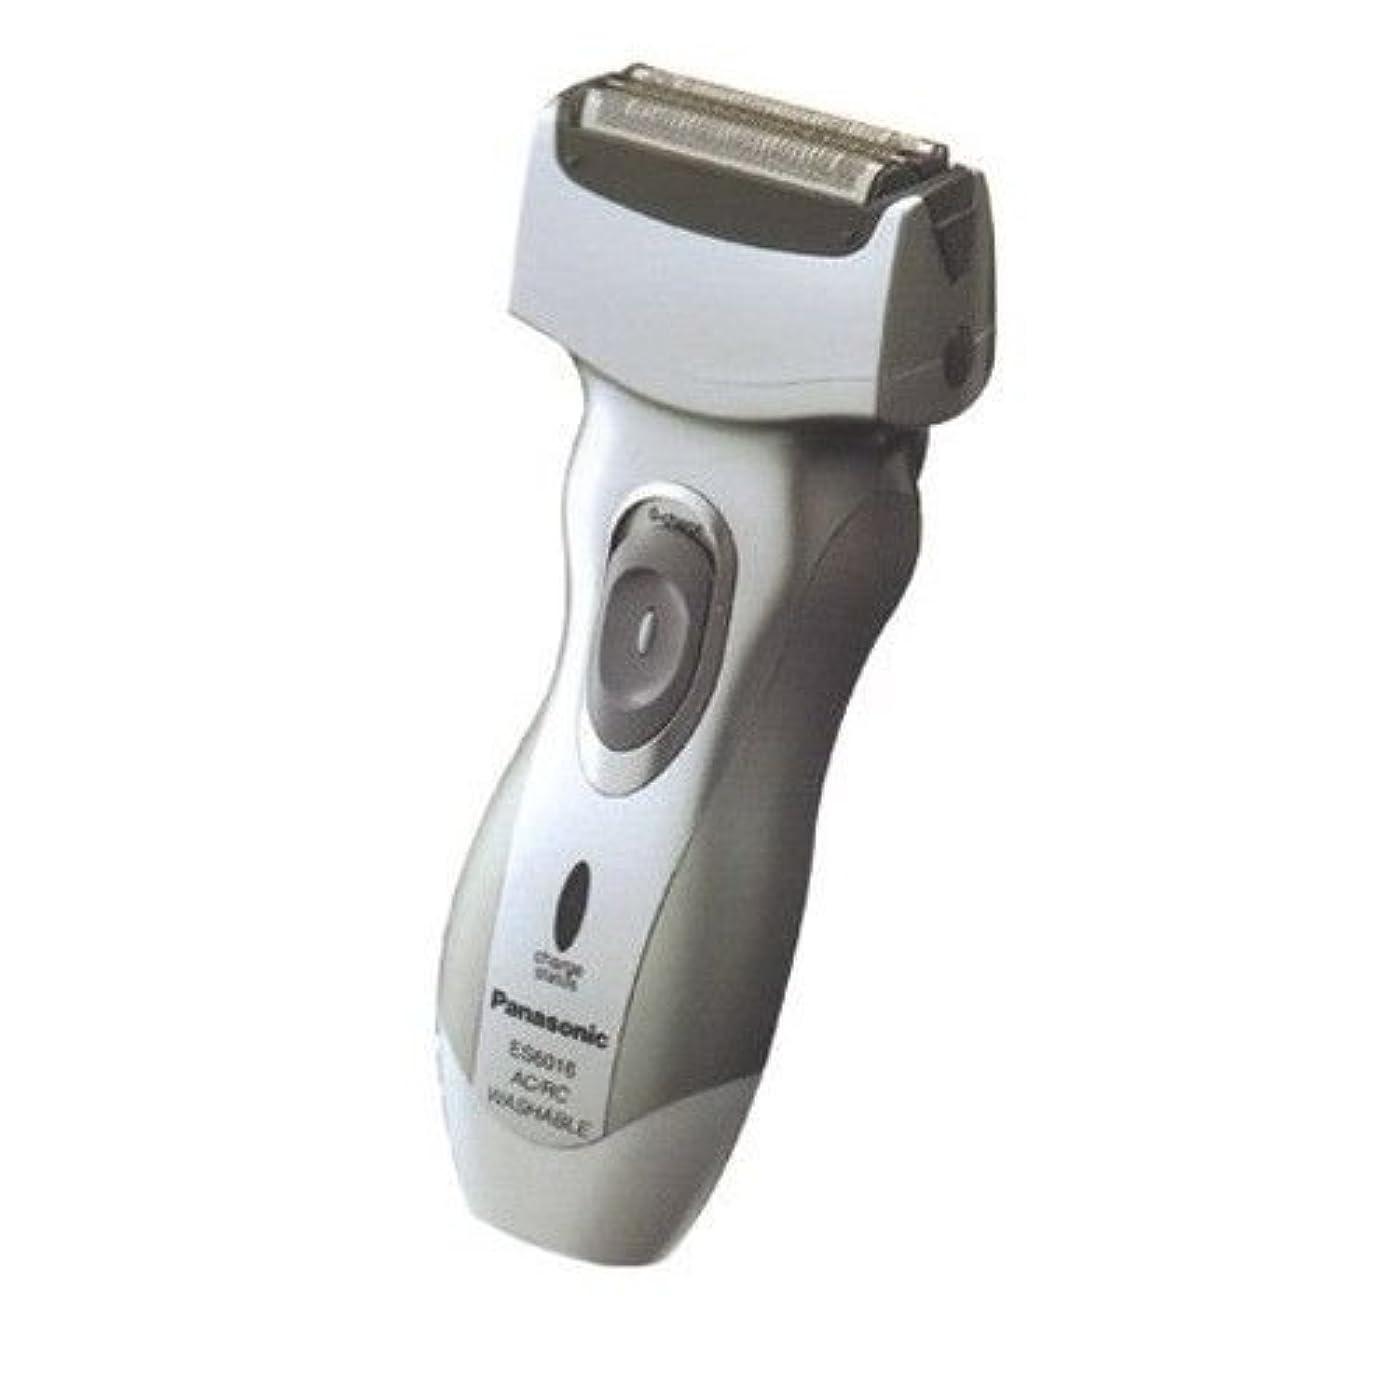 失速大宇宙版Panasonic ES6016 電気シェーバーかみそり男性トリマークリッパー ES-6016 と [並行輸入品]